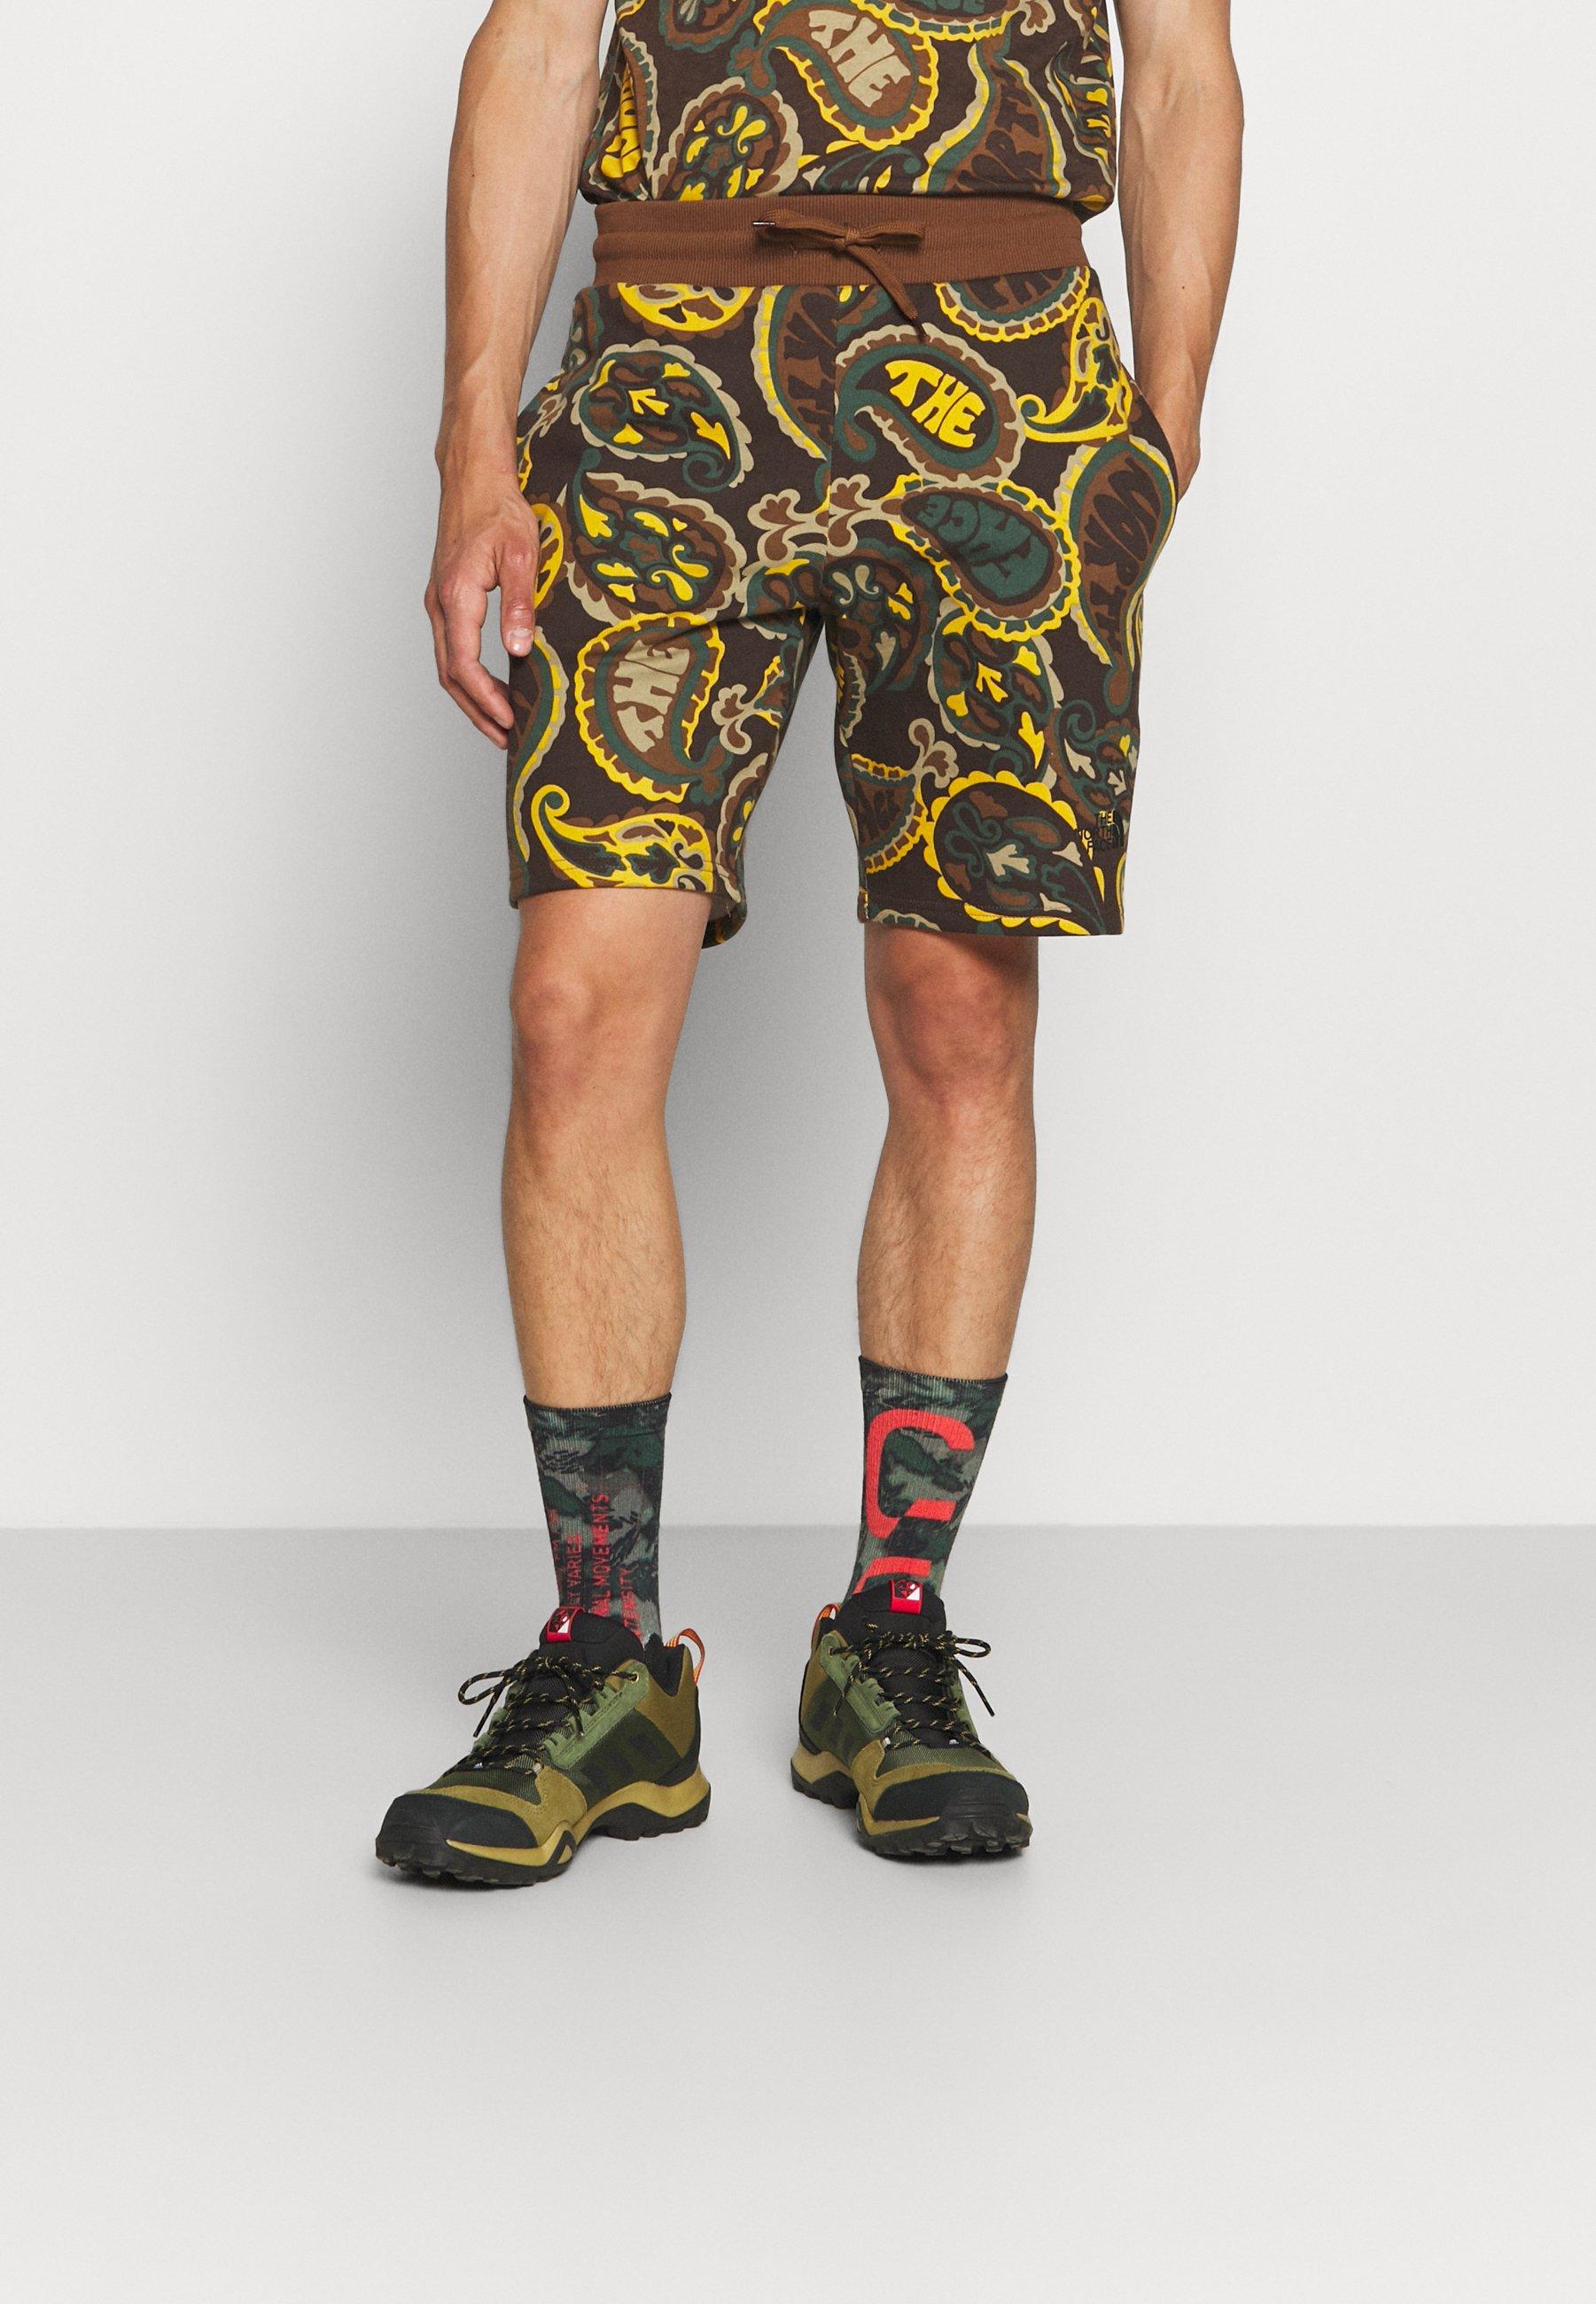 Herren SUMMER SHORT - kurze Sporthose